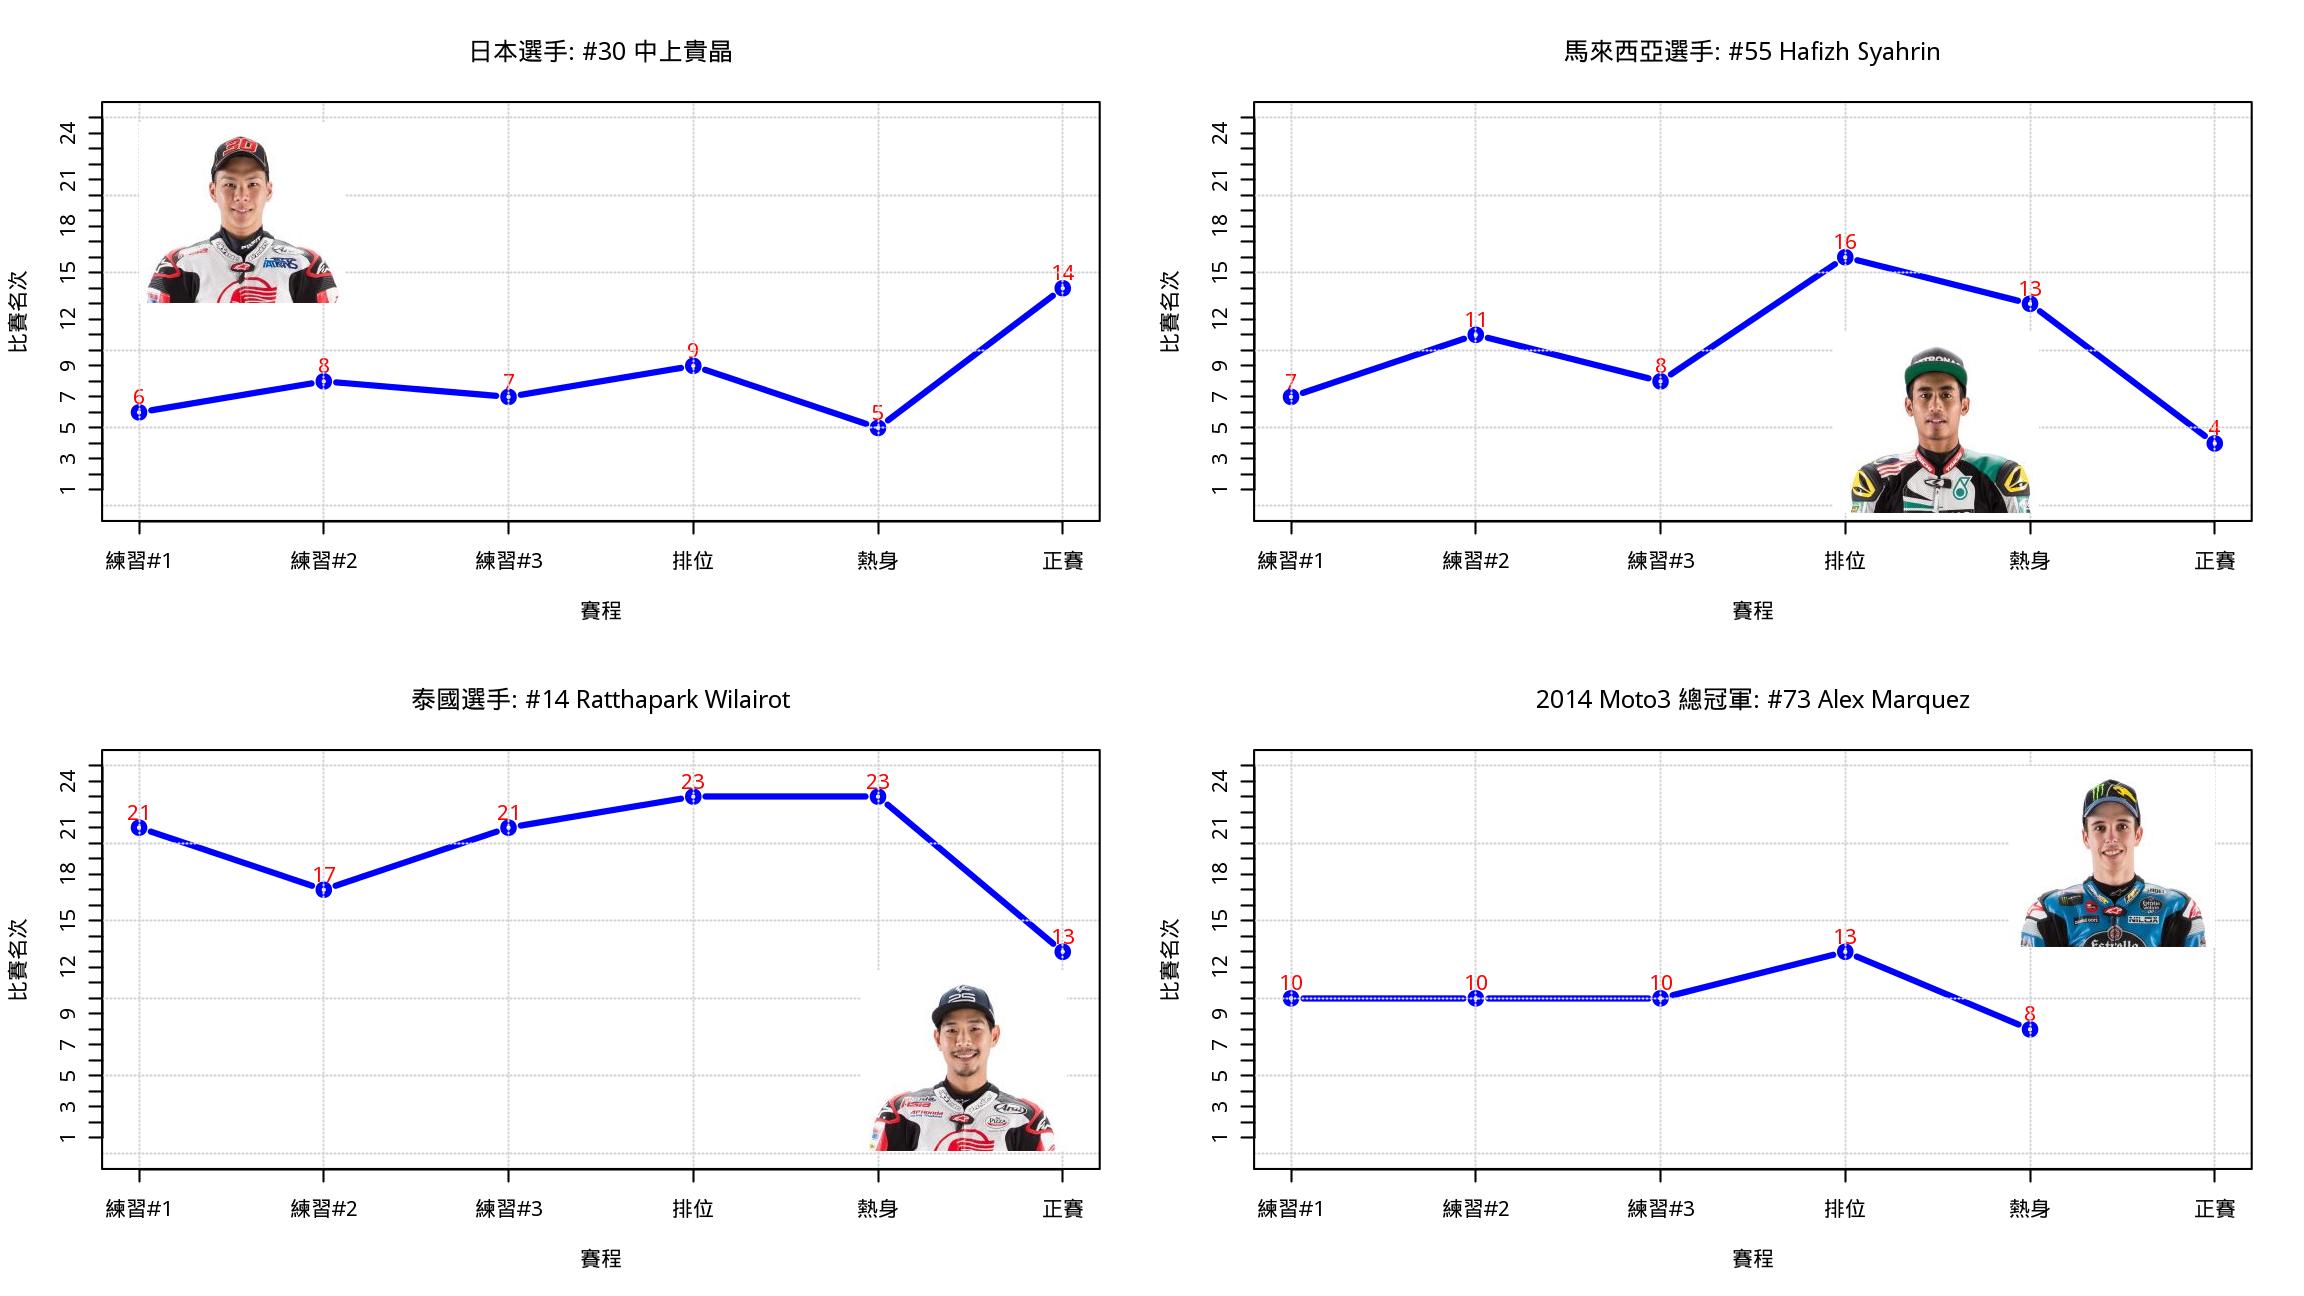 圖三. 2016卡達站Moto2亞洲選手三天賽事表現趨勢比較.